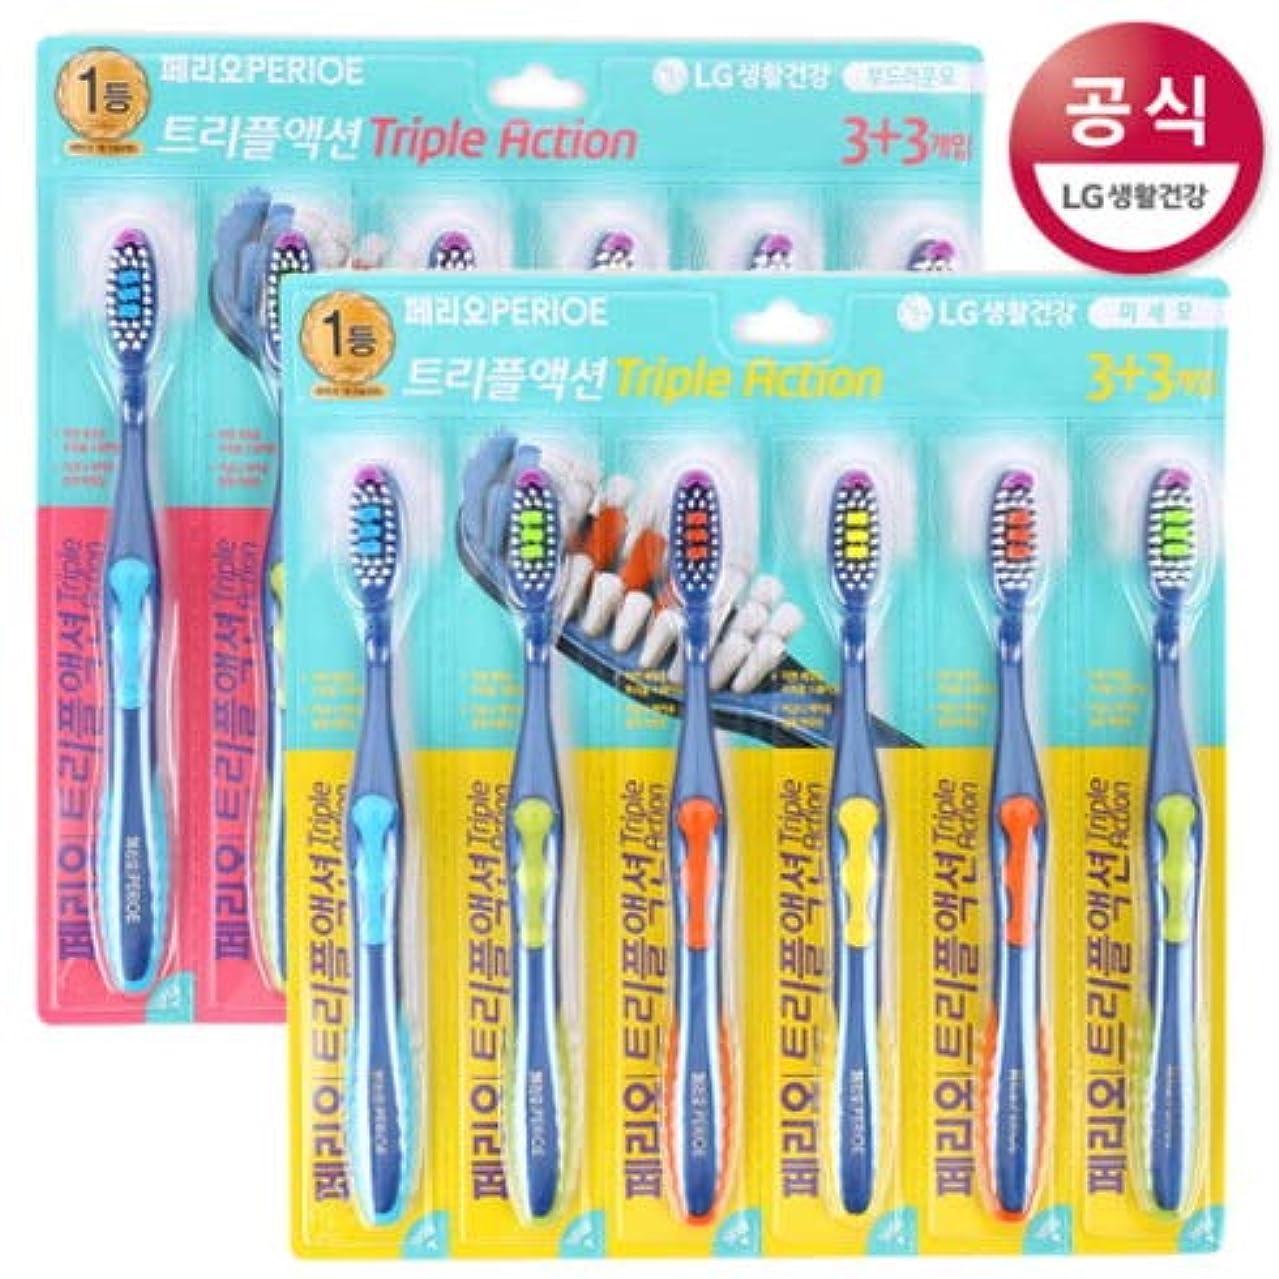 ガラガラピケ動機[LG HnB] Perio Triple Action Toothbrush/ペリオトリプルアクション歯ブラシ 6口x2個(海外直送品)